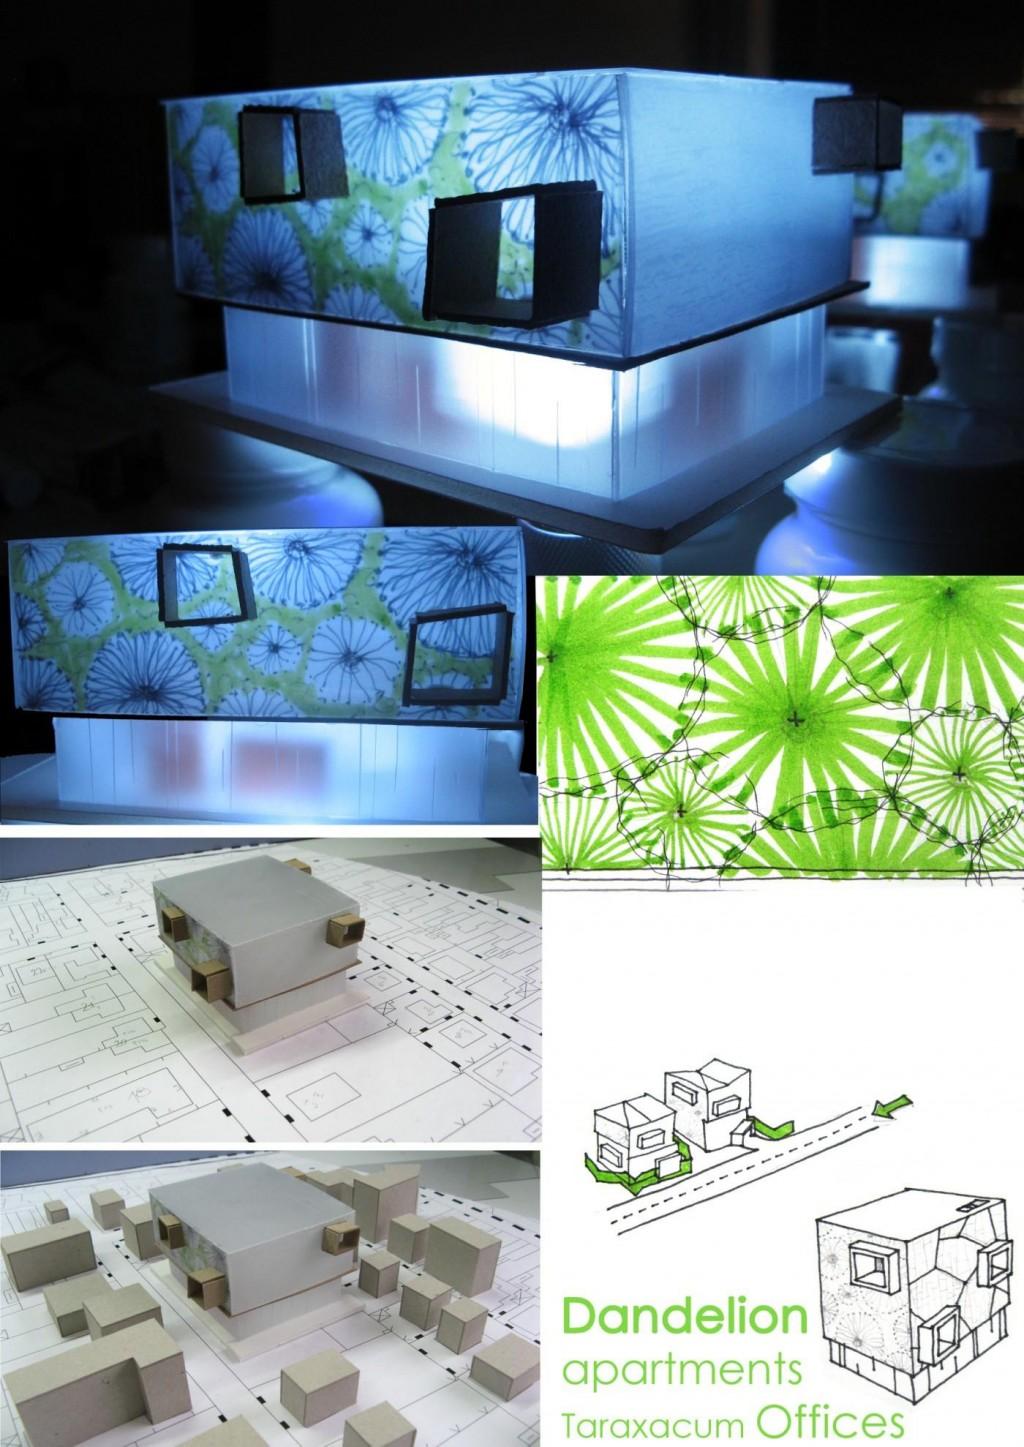 arhitekture i prirode arhitekture SIMBIOZA ARHITEKTURE I PRIRODE Page 11 Image 16